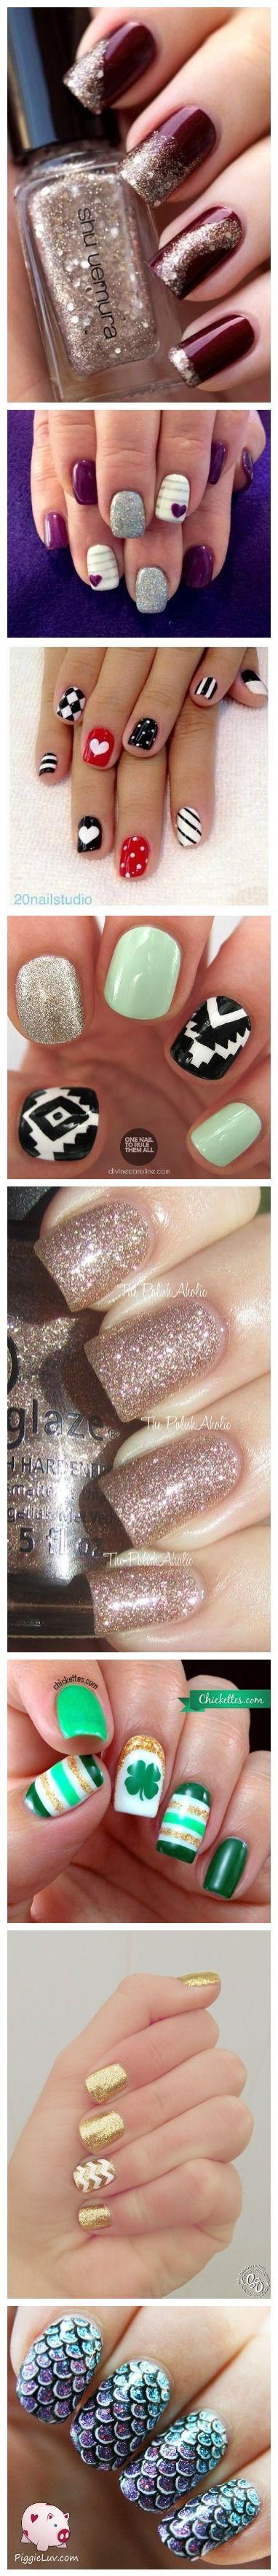 Nail art designs get creative nails pinterest nail art